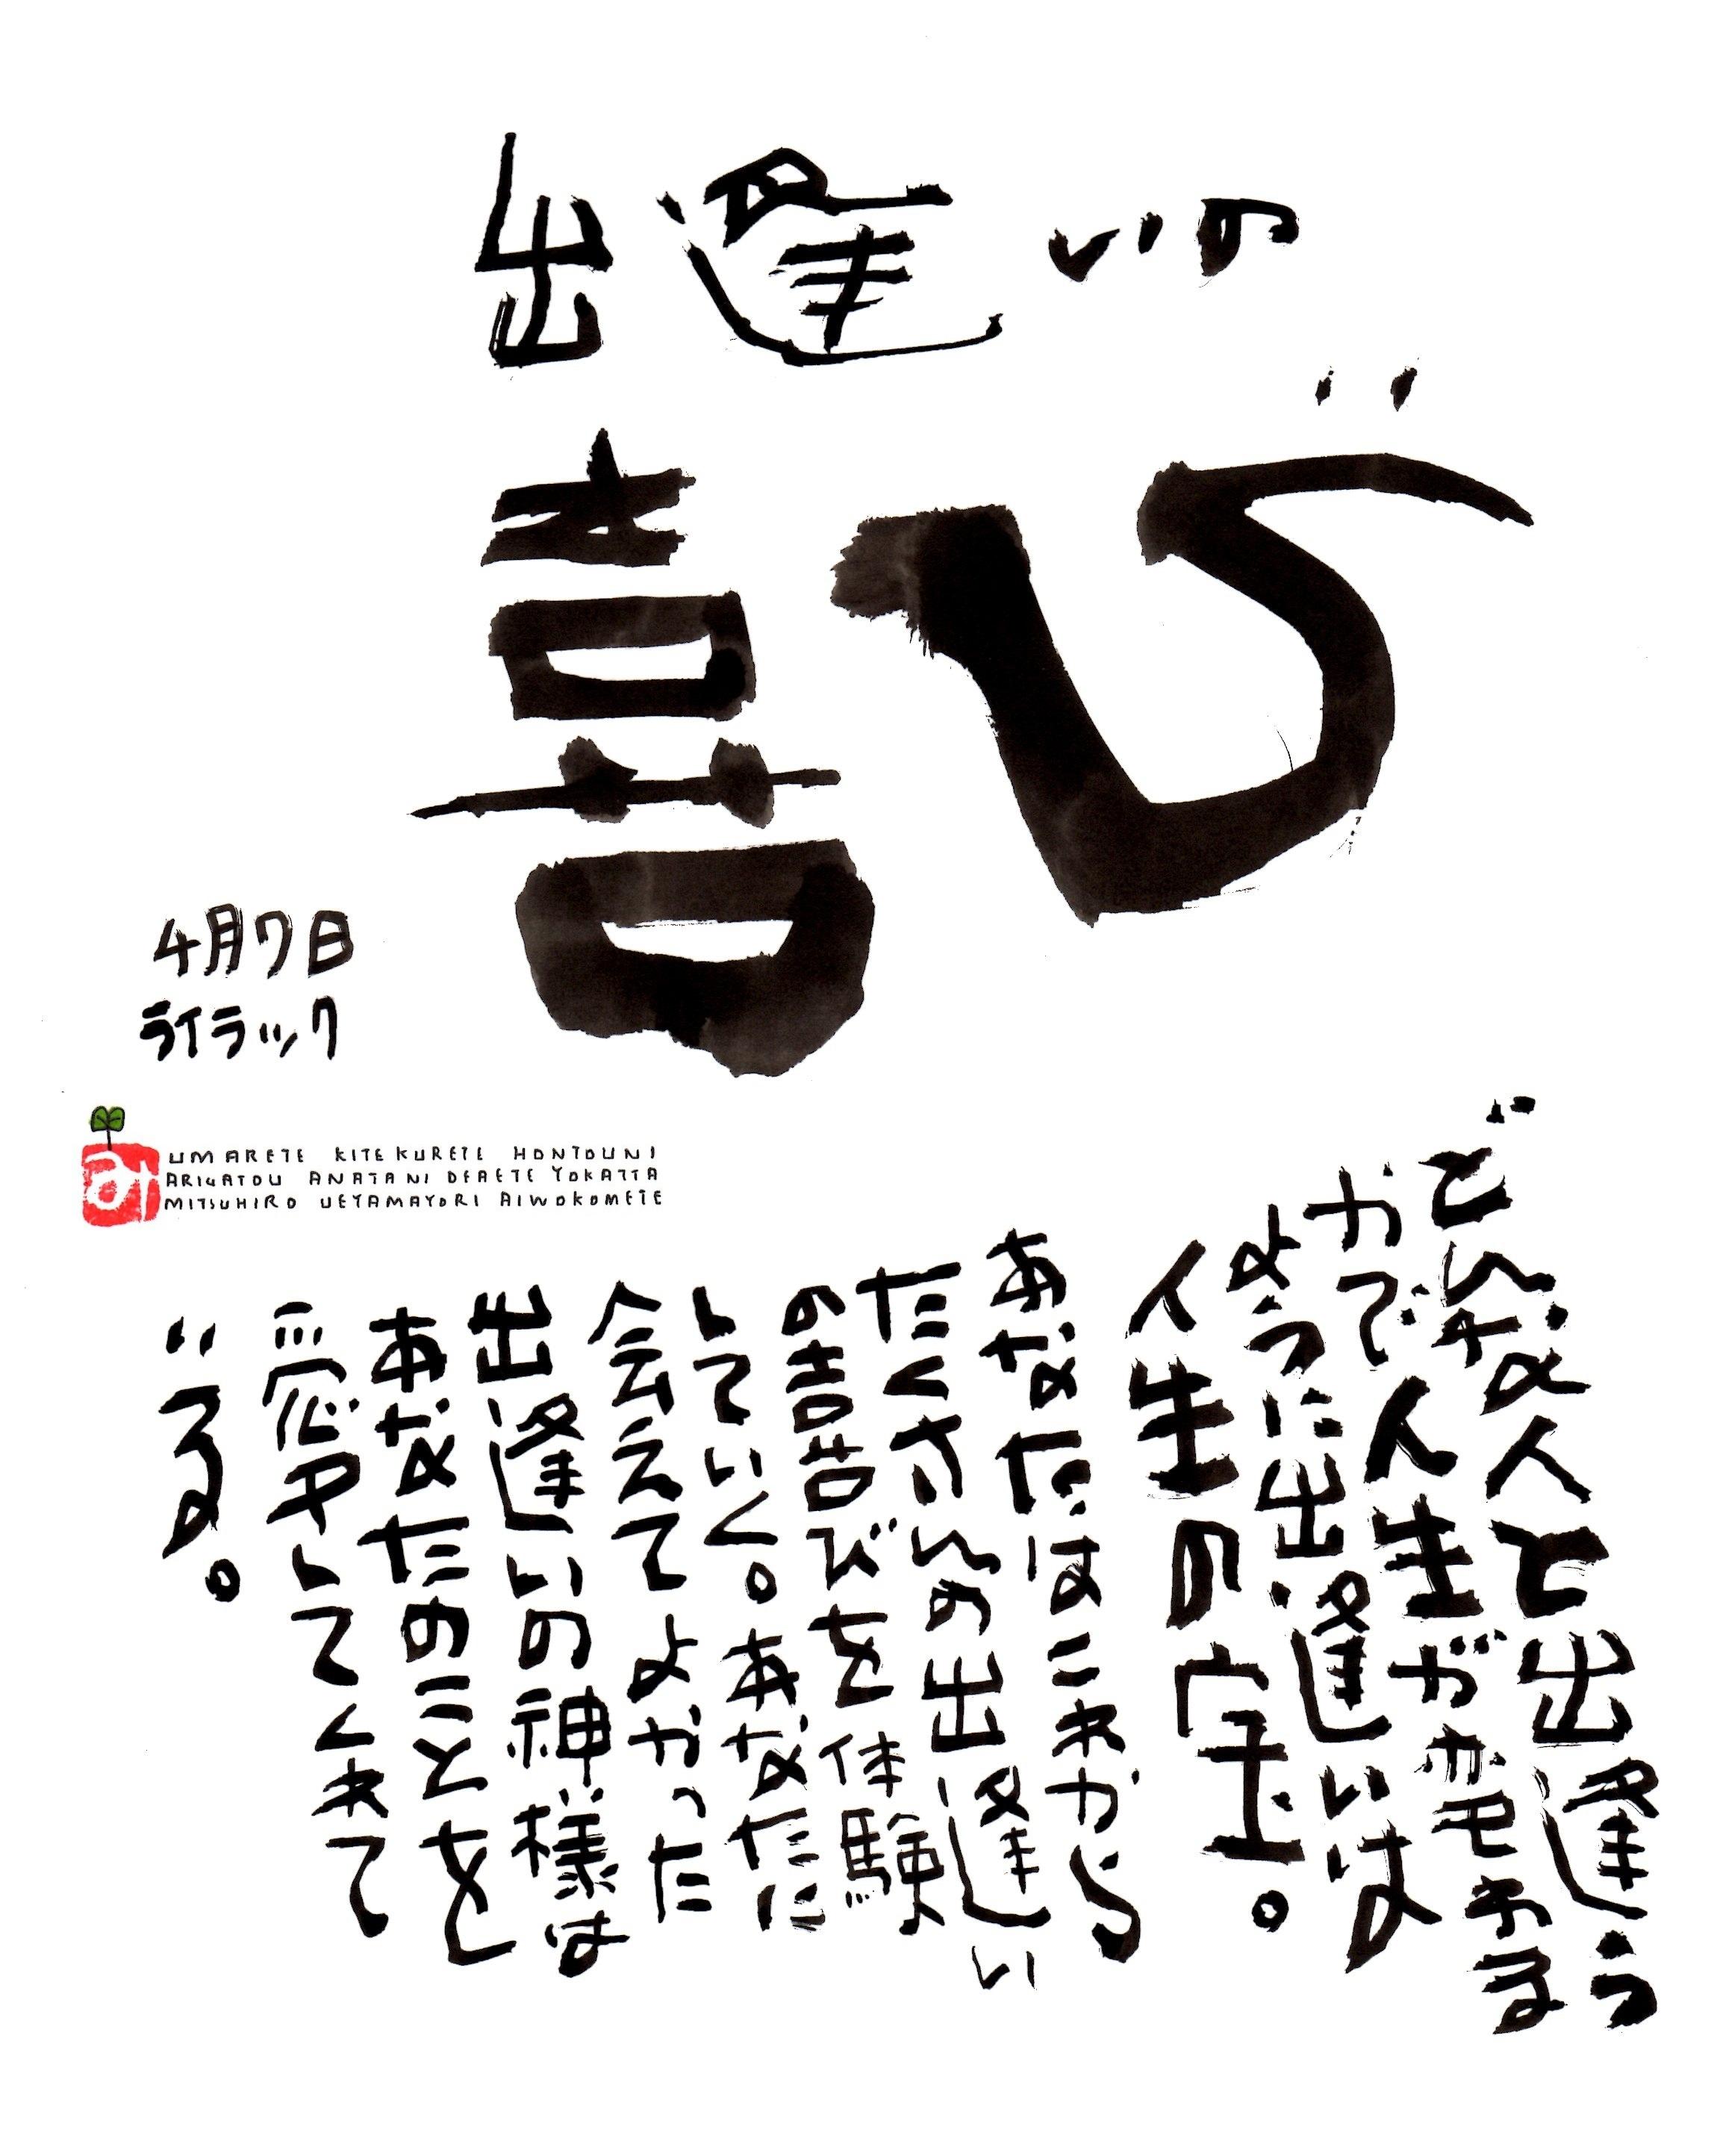 4月7日 誕生日ポストカード【出逢いの喜び】Joy of encounter